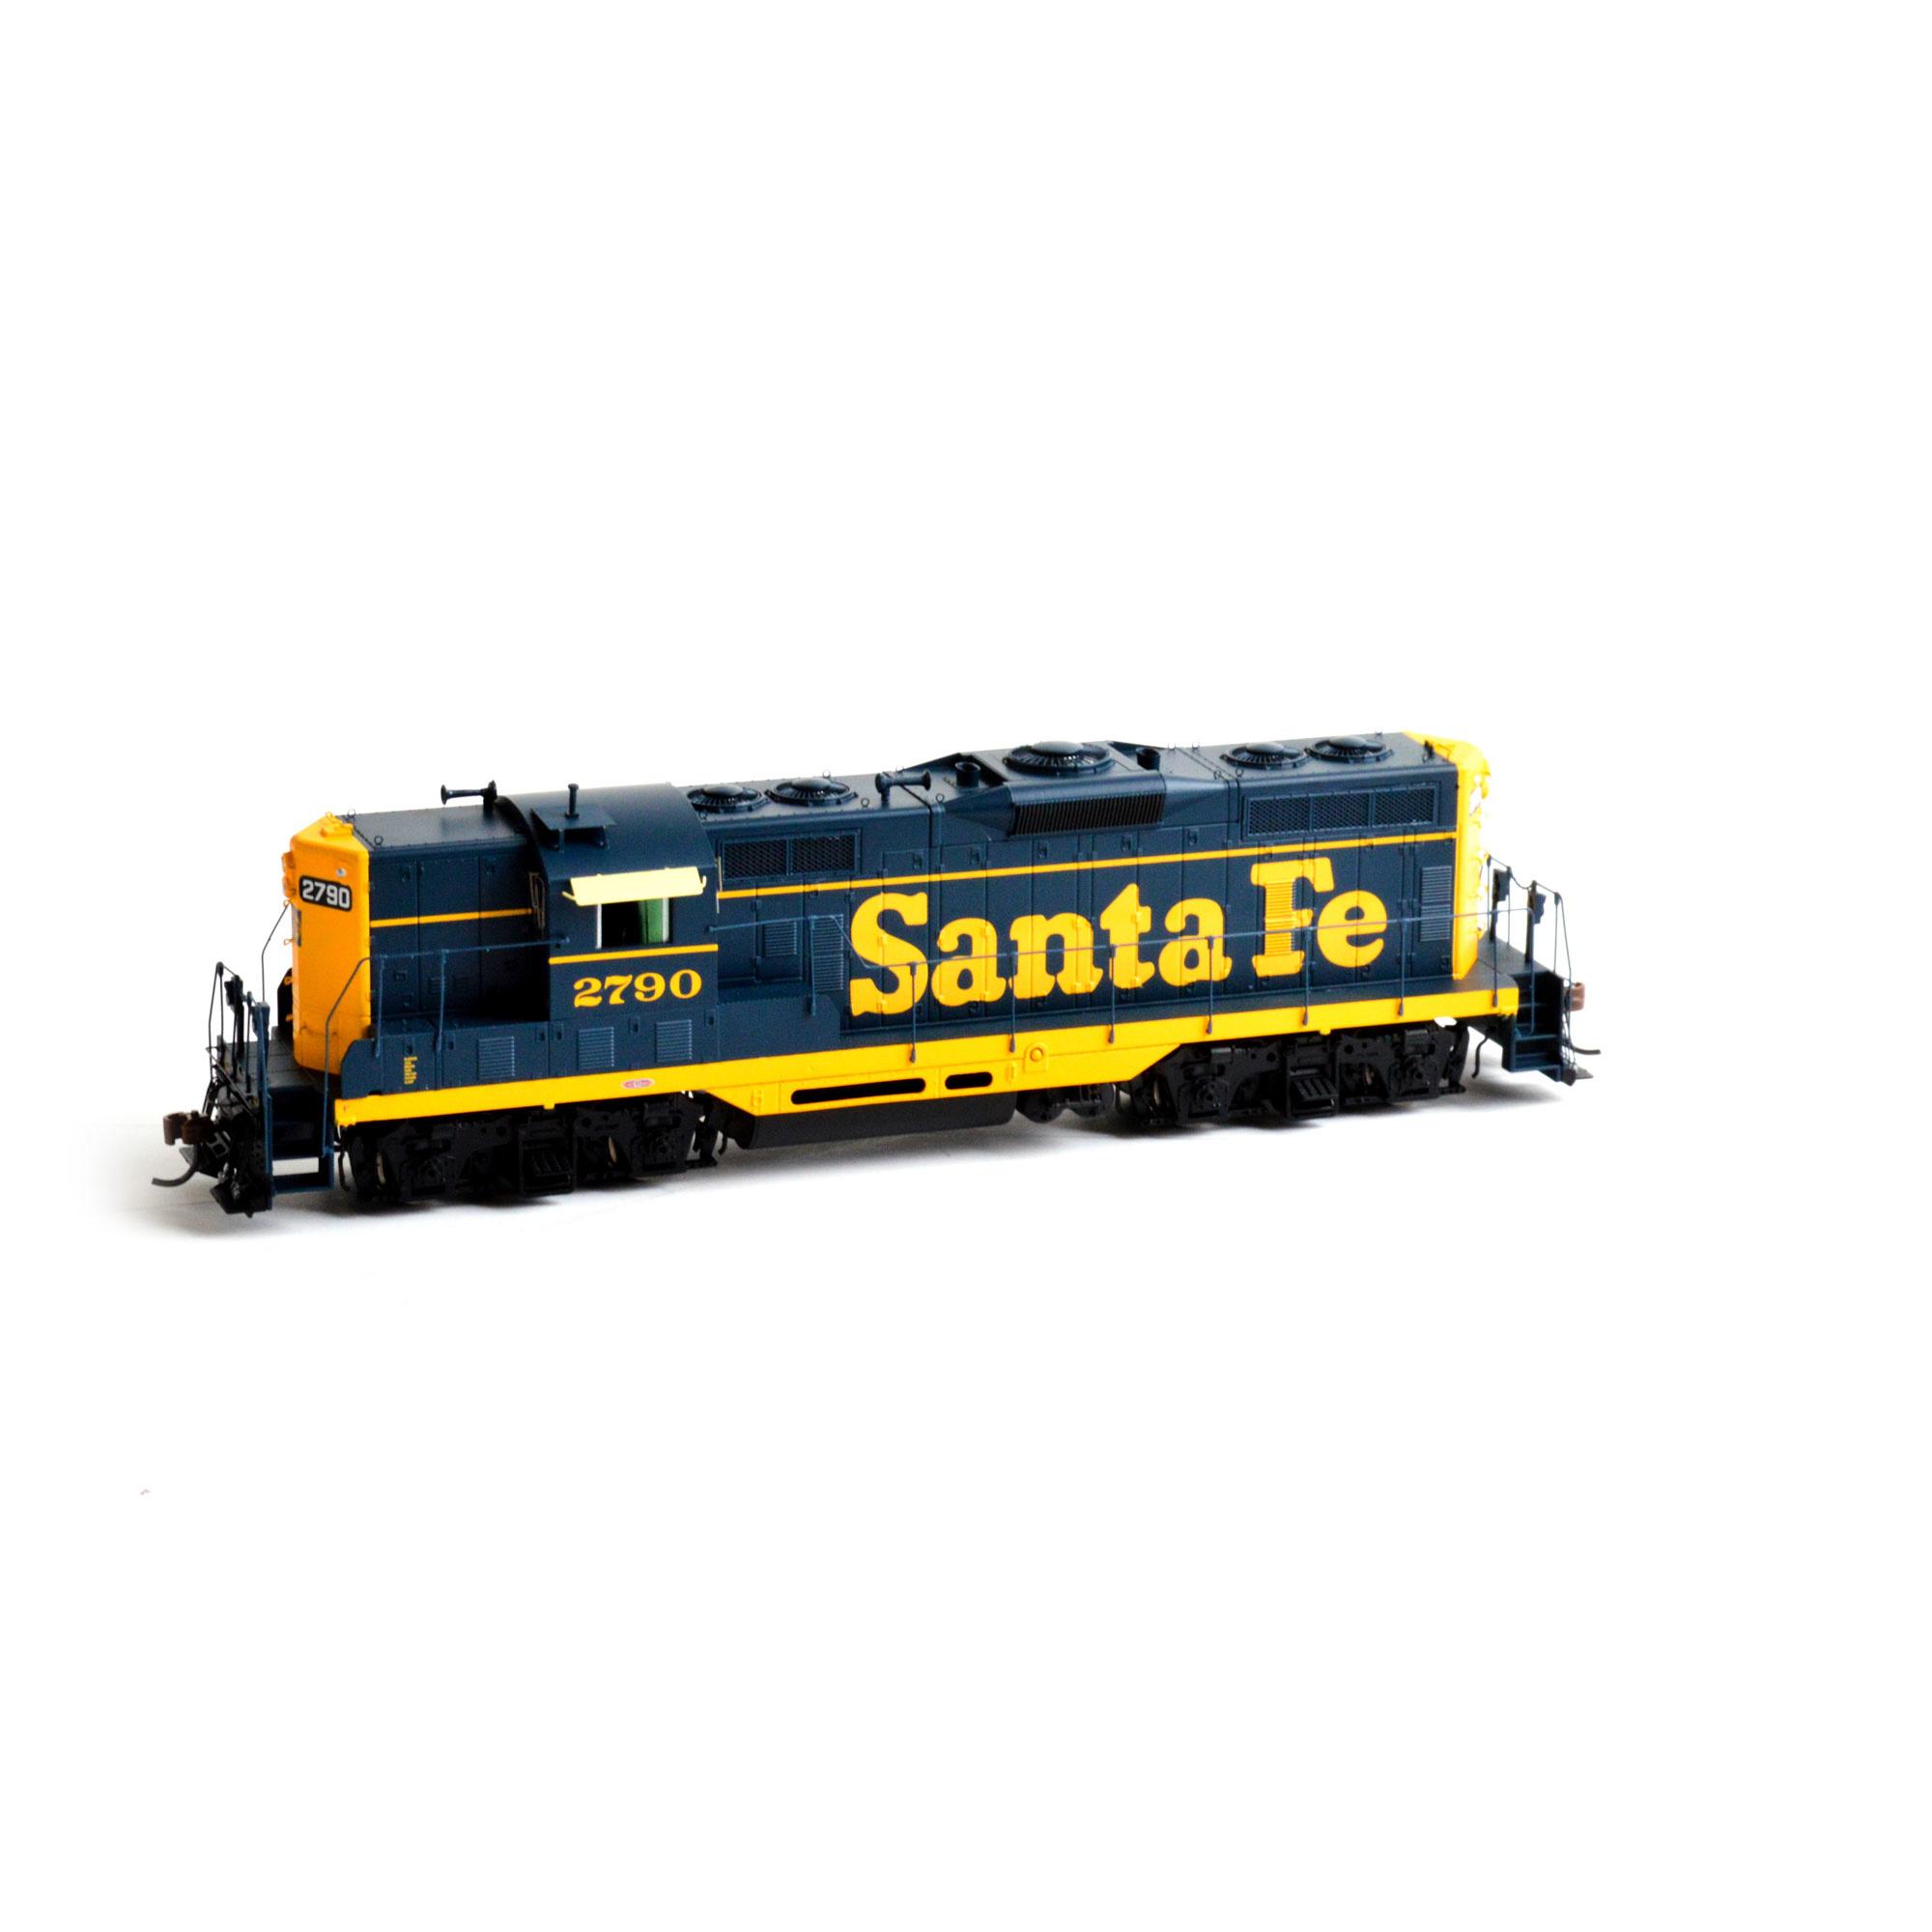 64249 Santa Fe GP7 diesellocomotief DCC sound-2